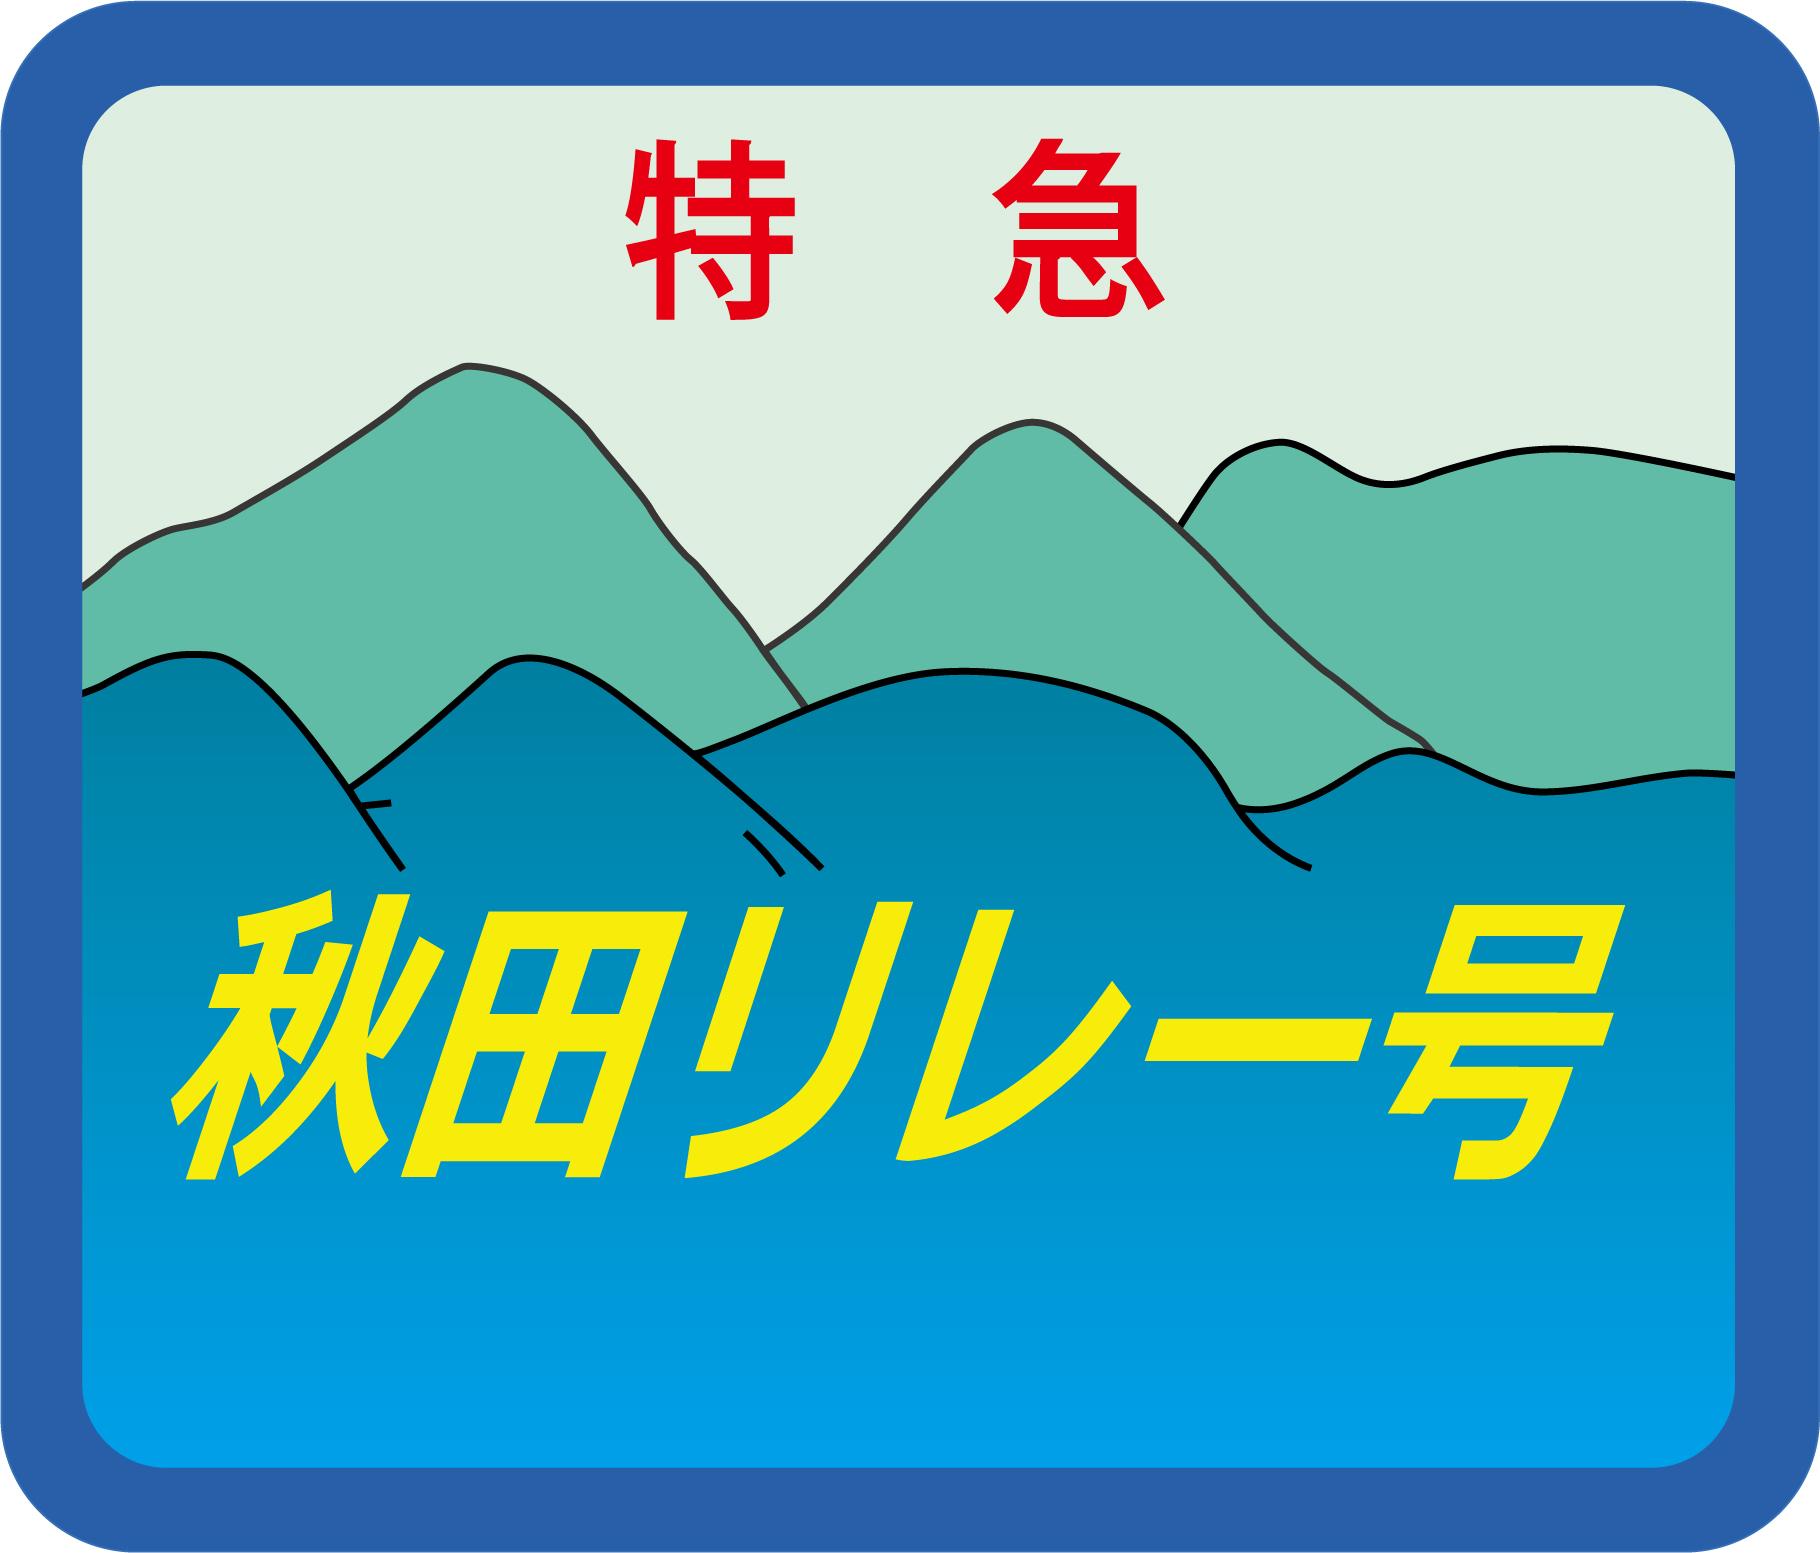 特急秋田リレー号HM